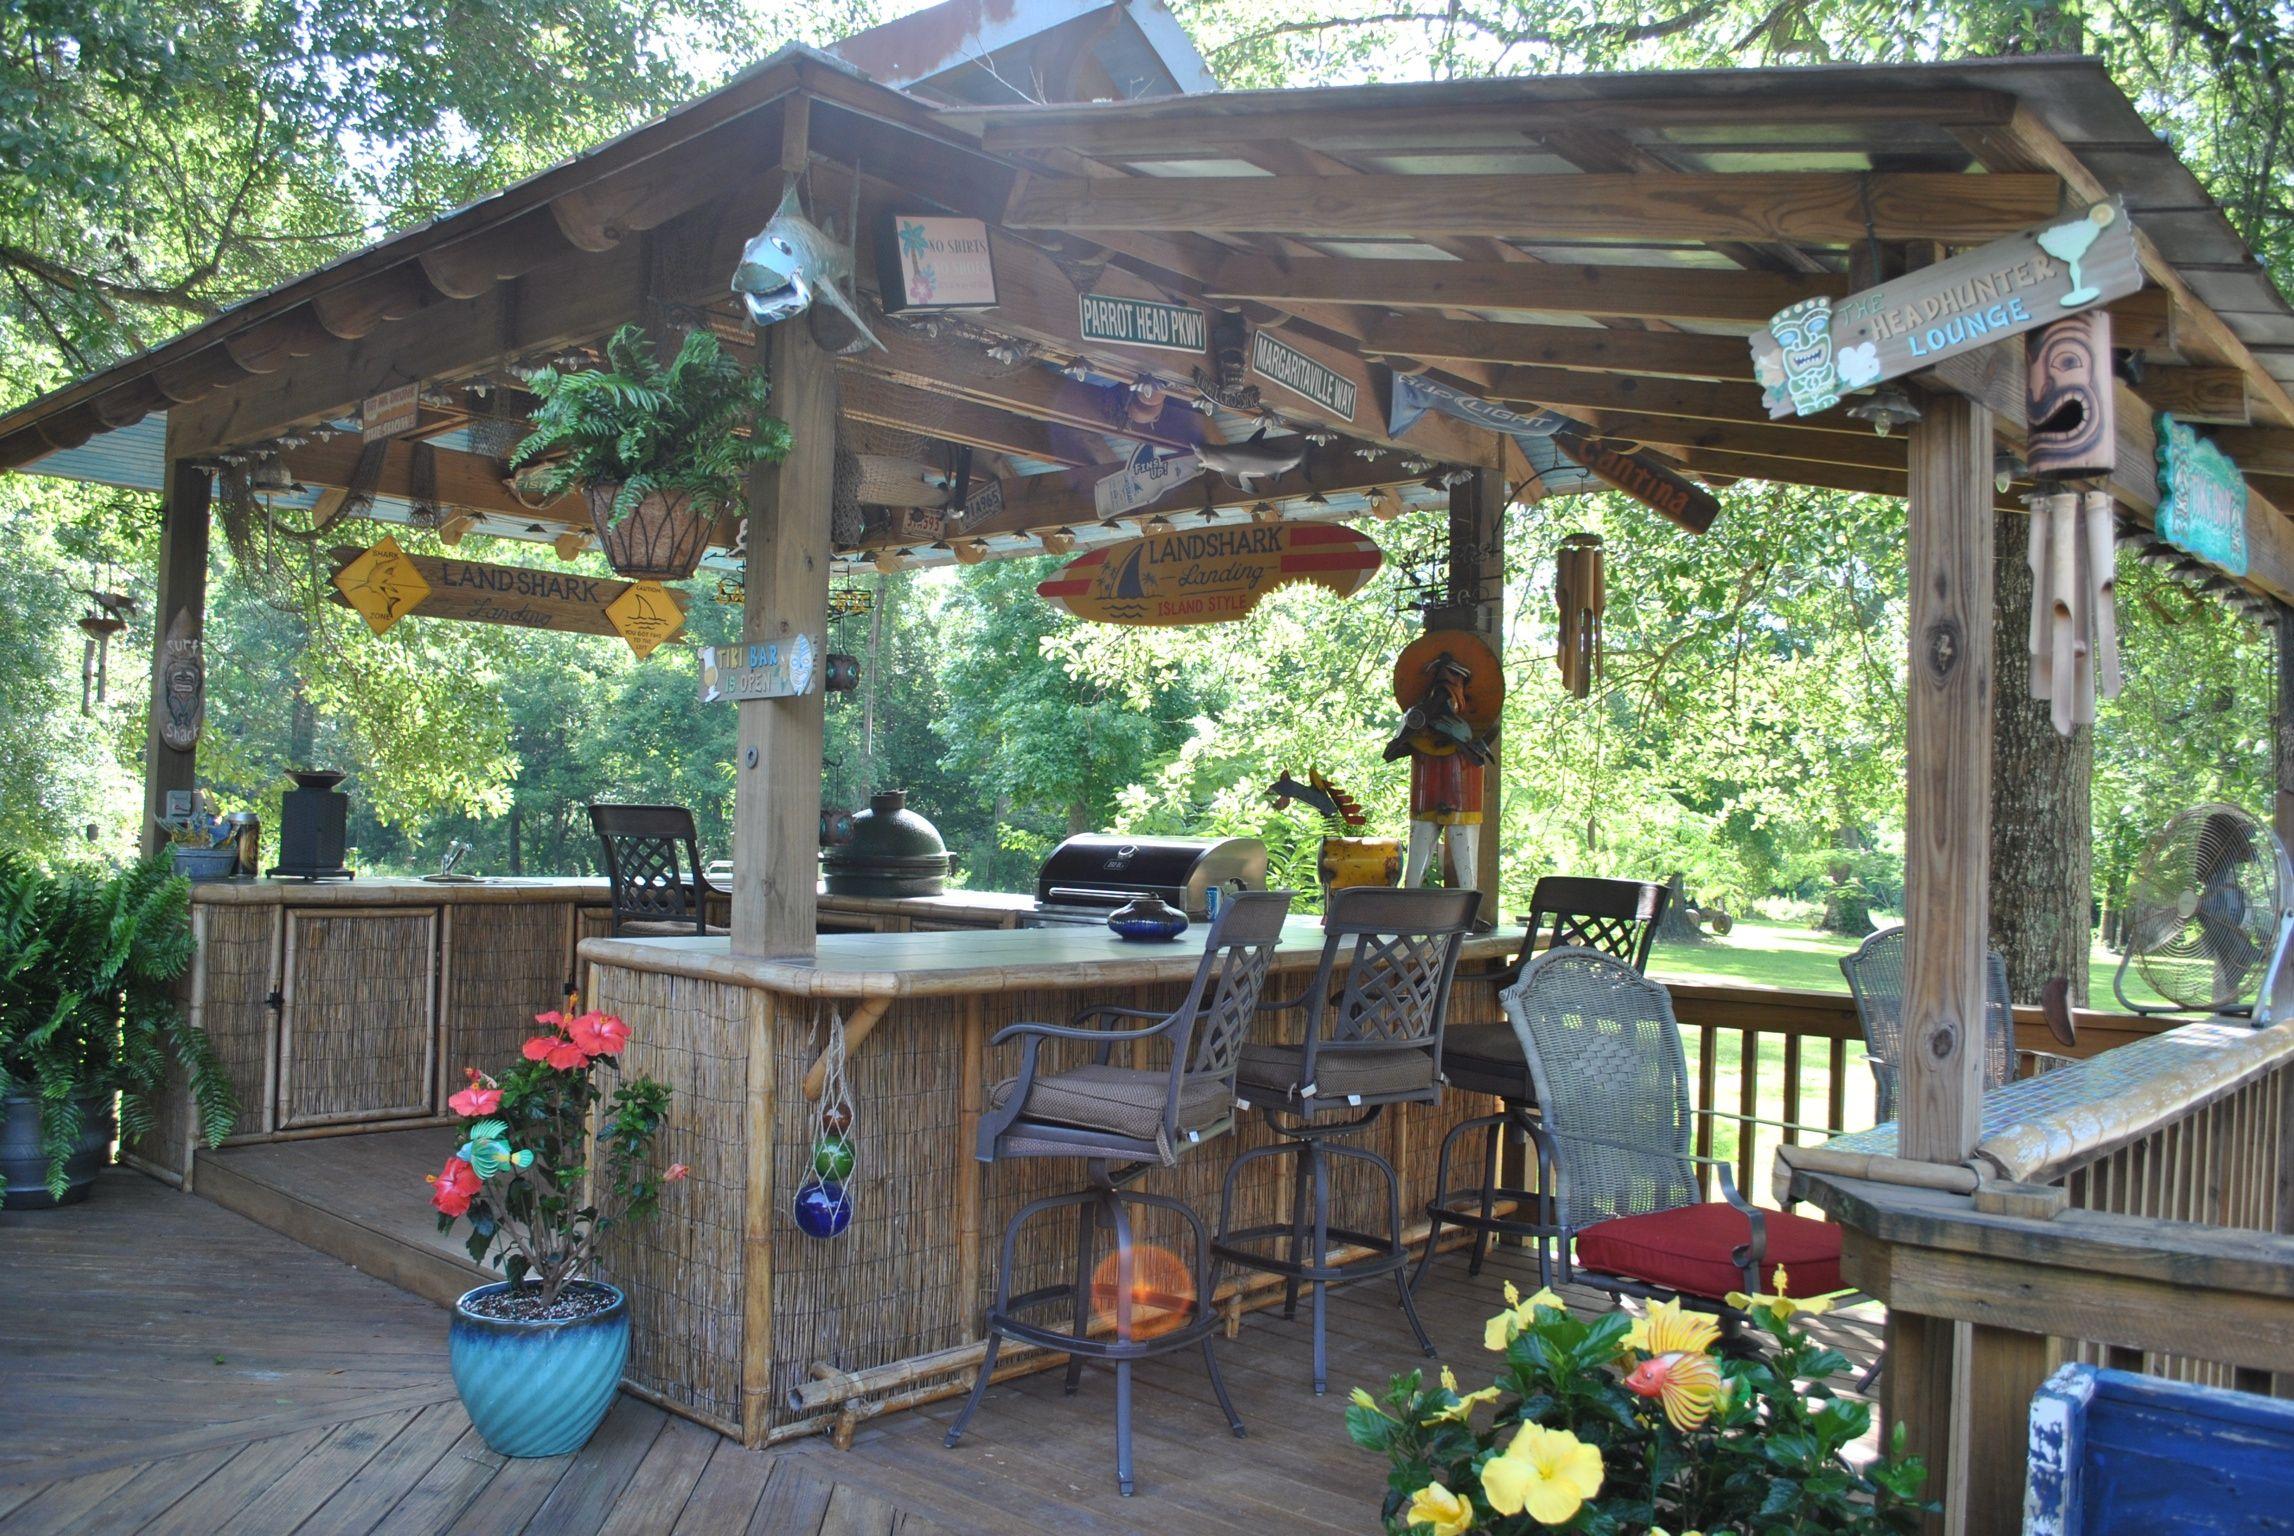 Back Yard Bar | Back Yard Tiki Bars | Diy outdoor bar ... on Tiki Bar Designs For Backyard id=84936